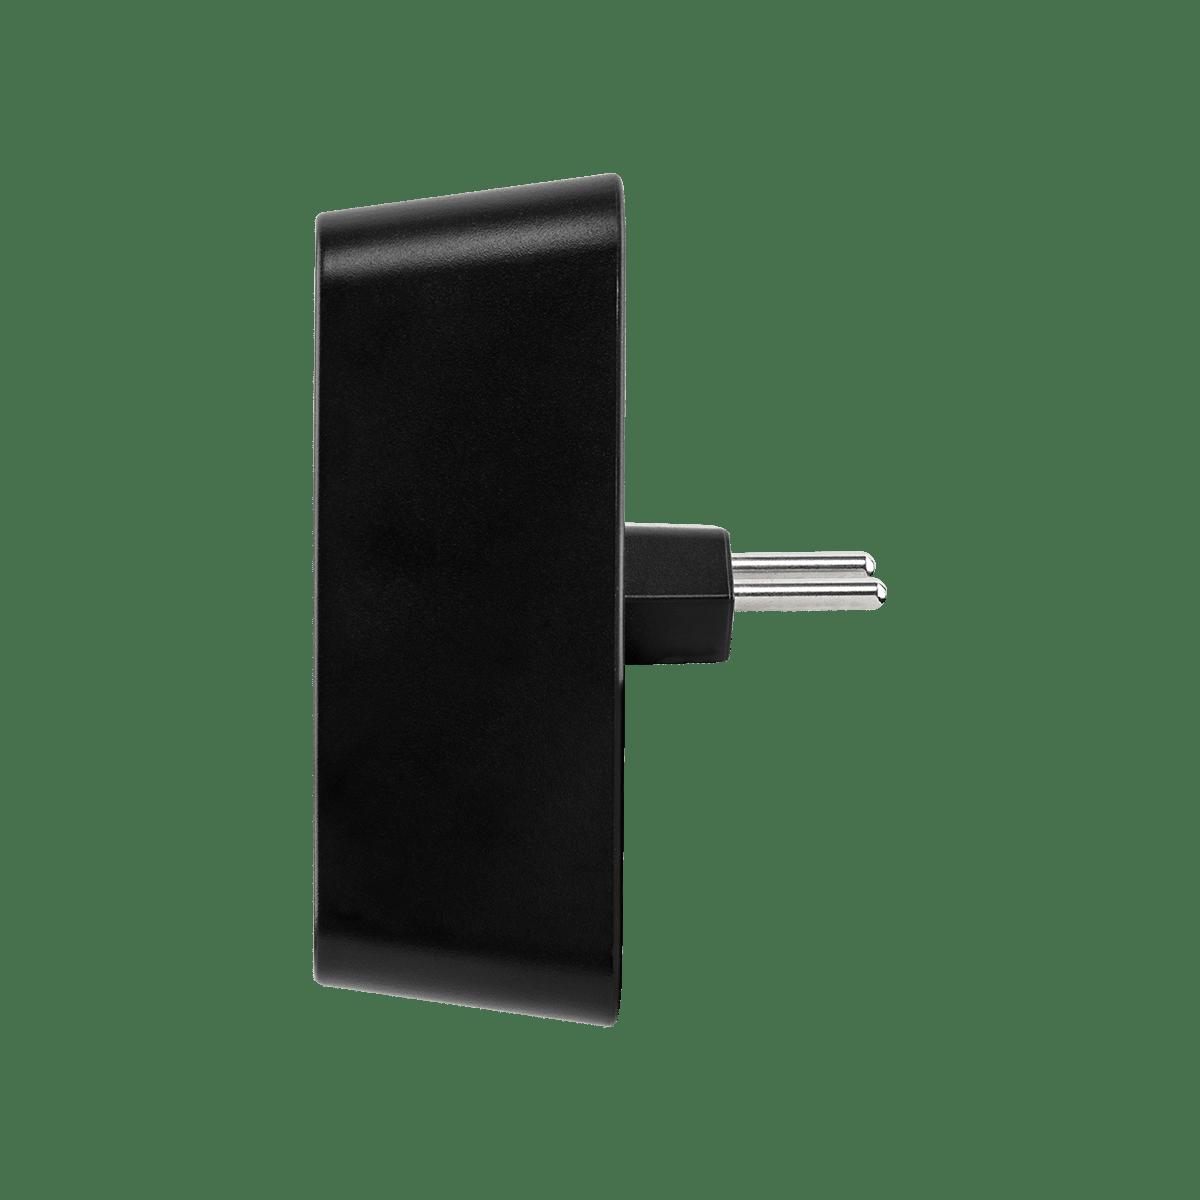 Dispositivo de Proteção Elétrica Intelbras EPS 302